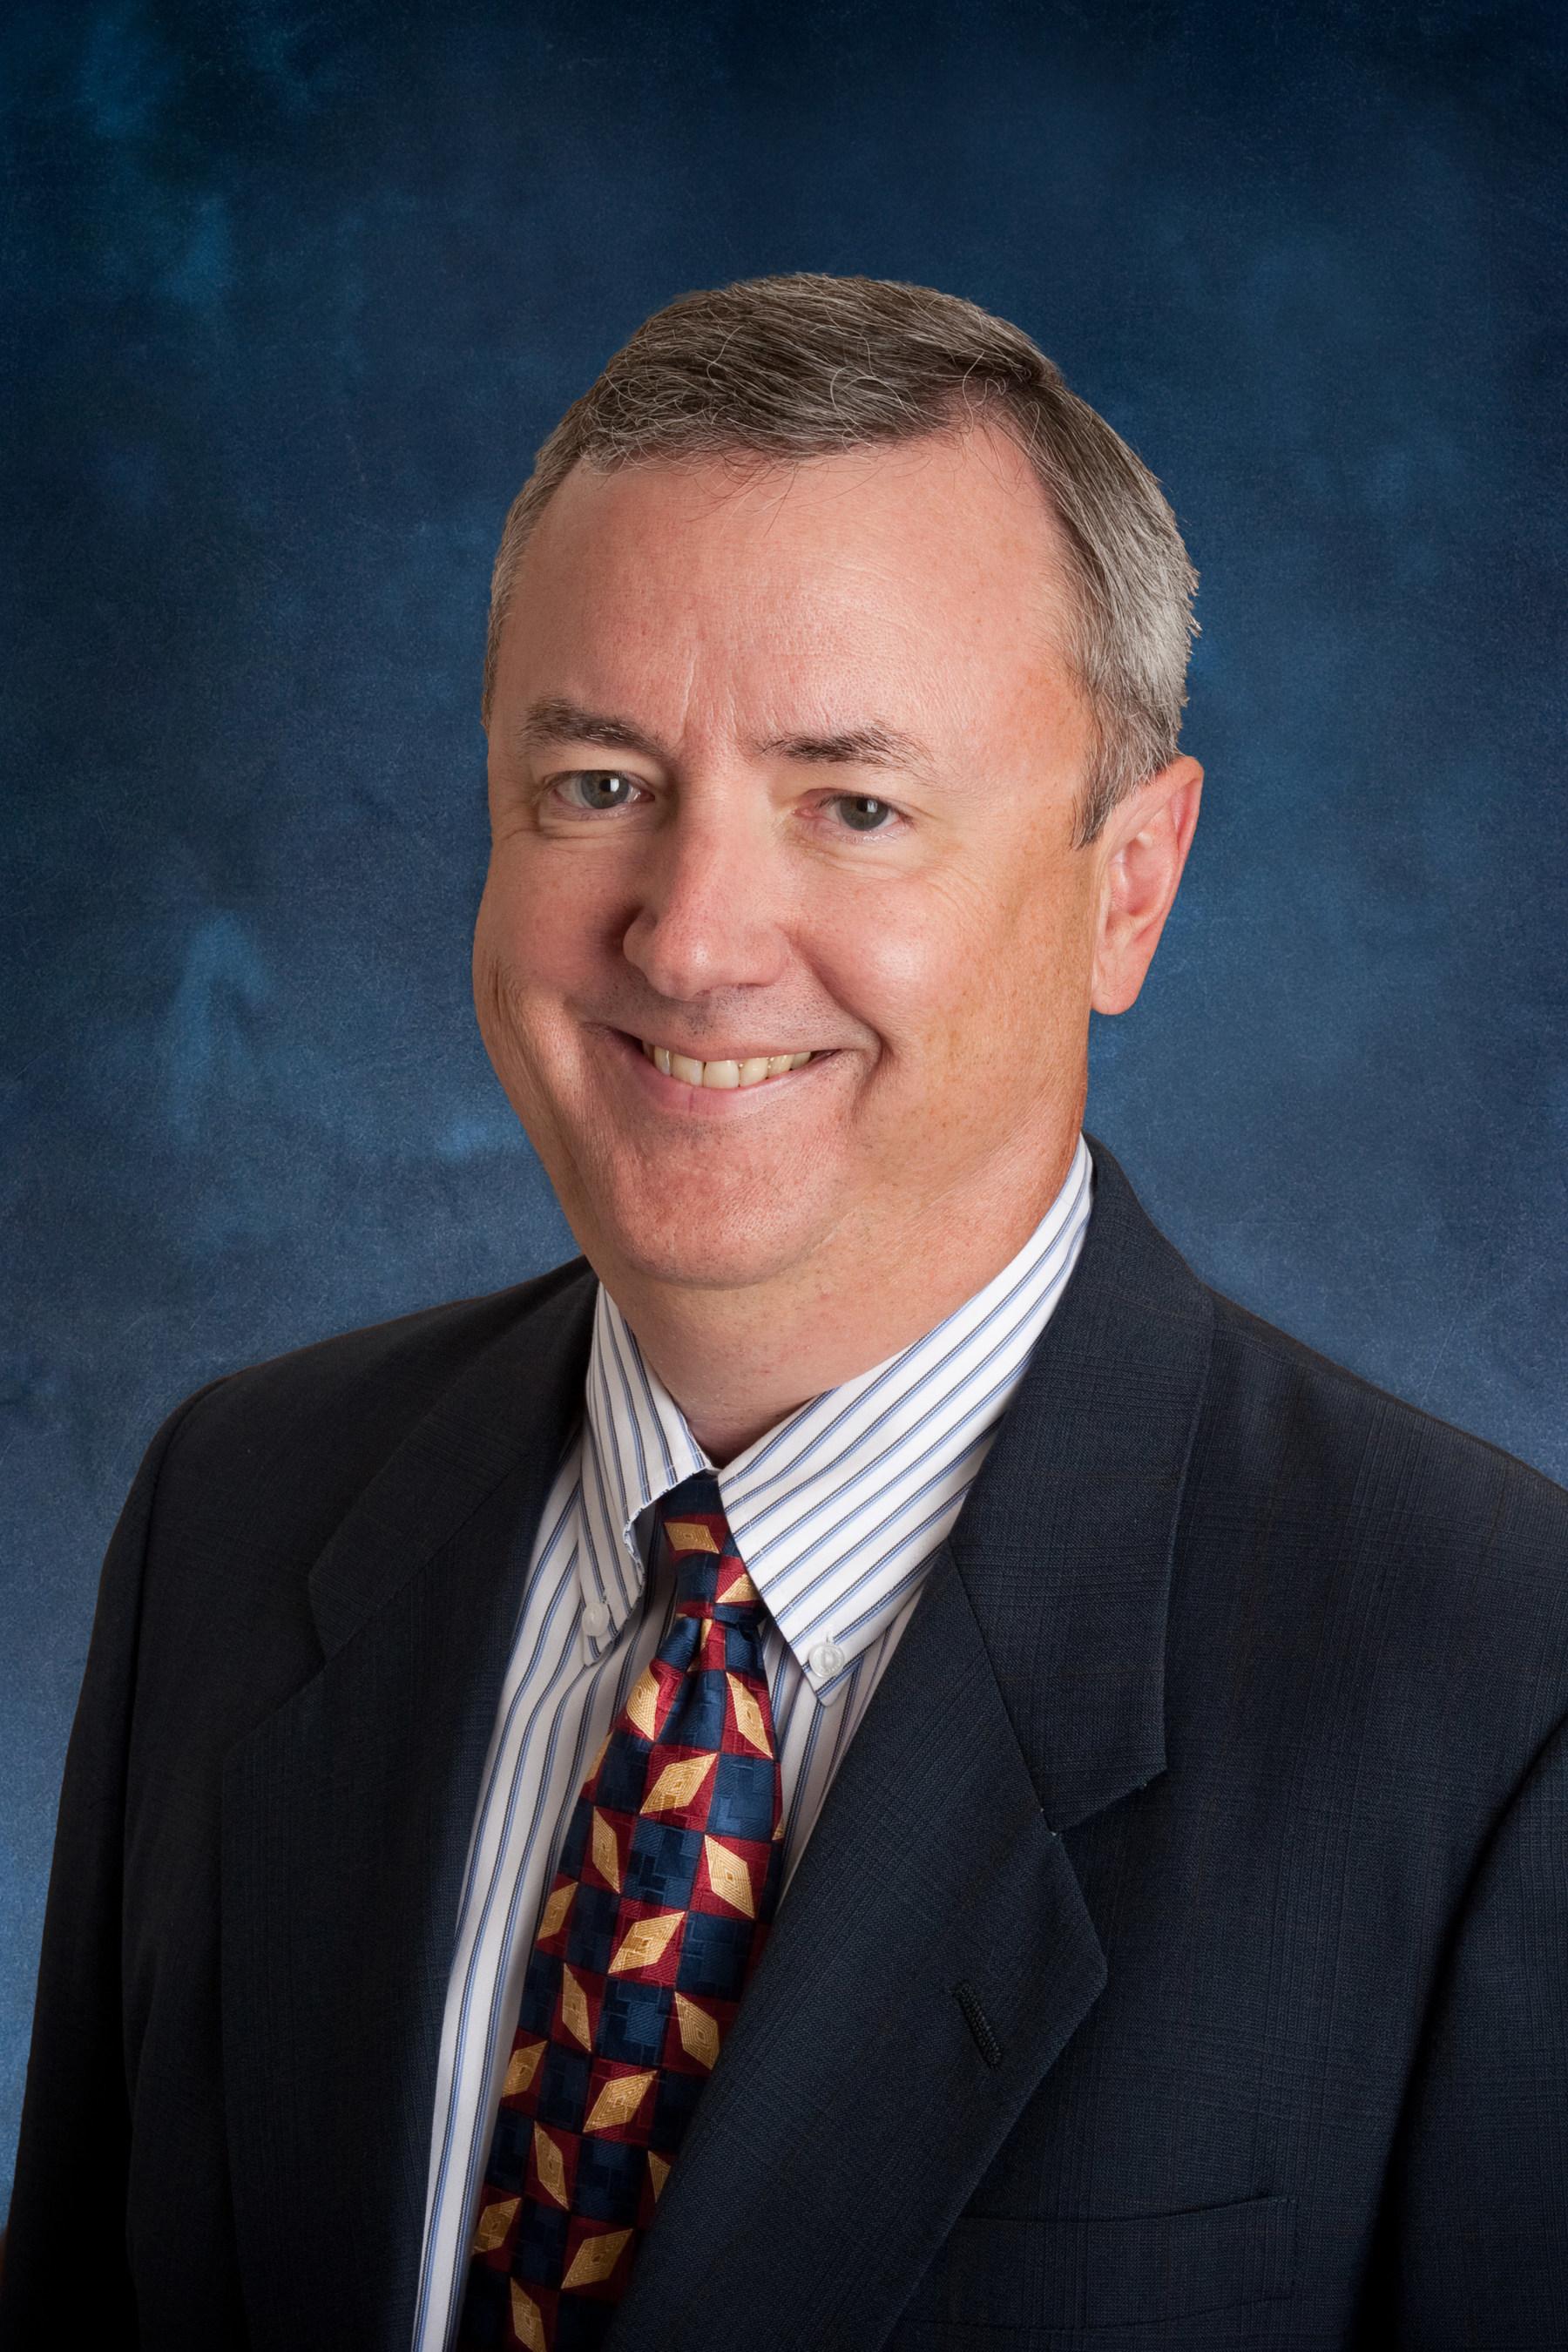 Thomas J. Falk, Kimberly-Clark Corporation